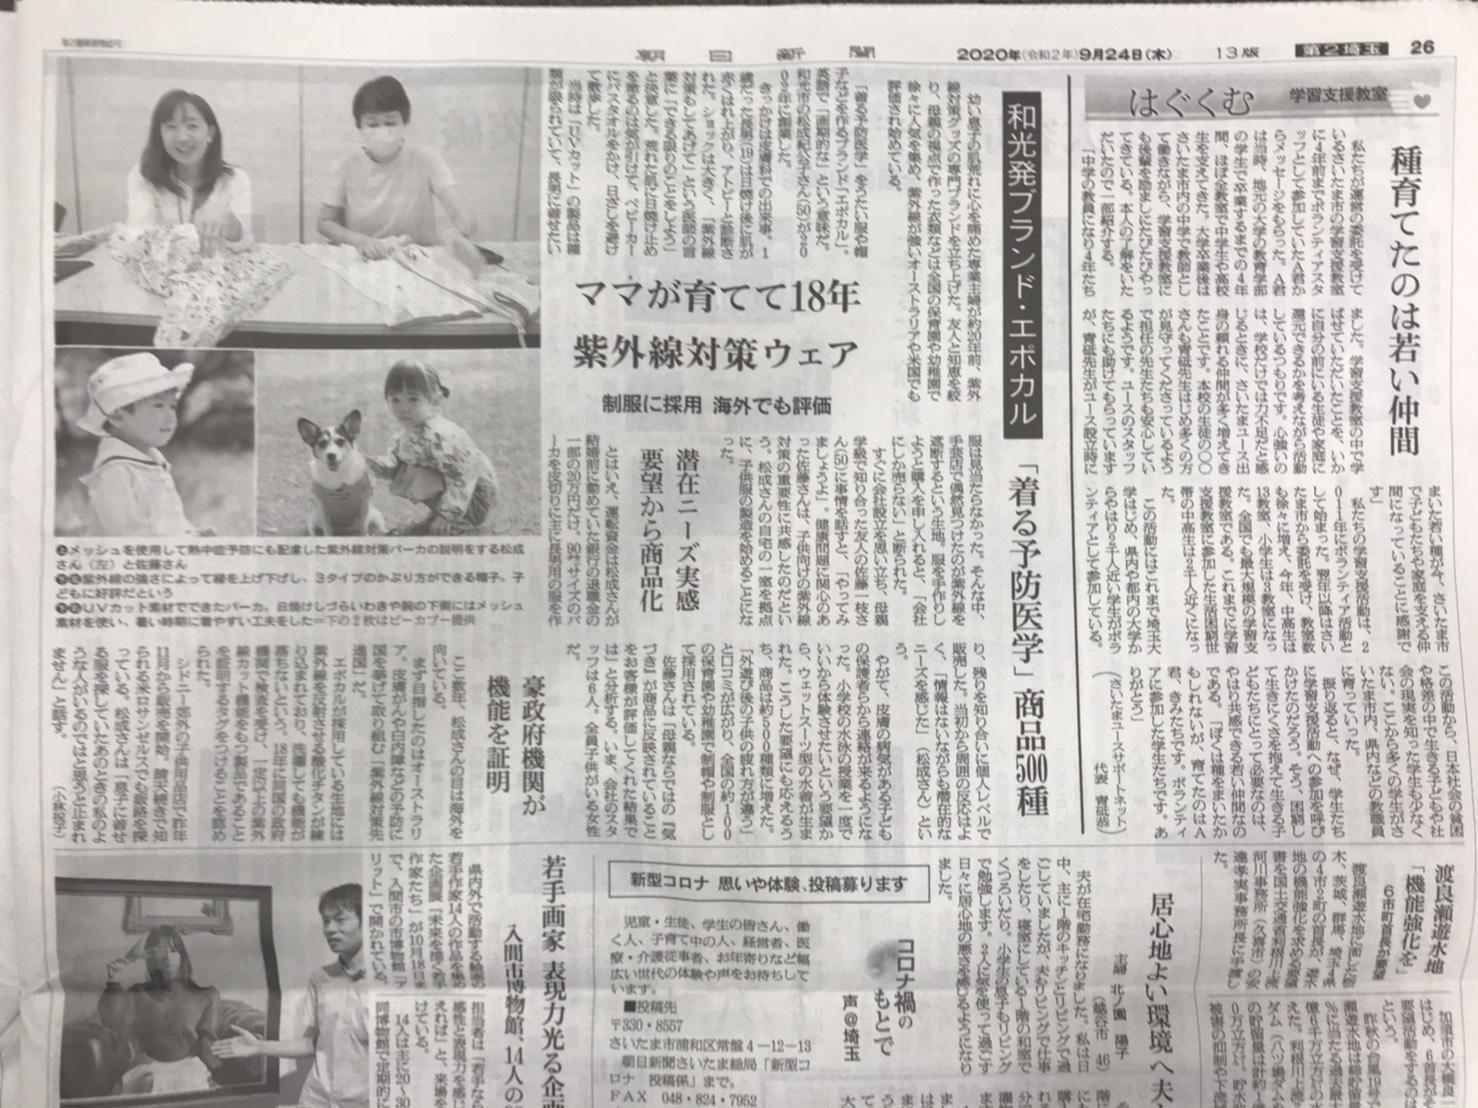 朝日新聞に掲載されました 株式会社ピーカブー